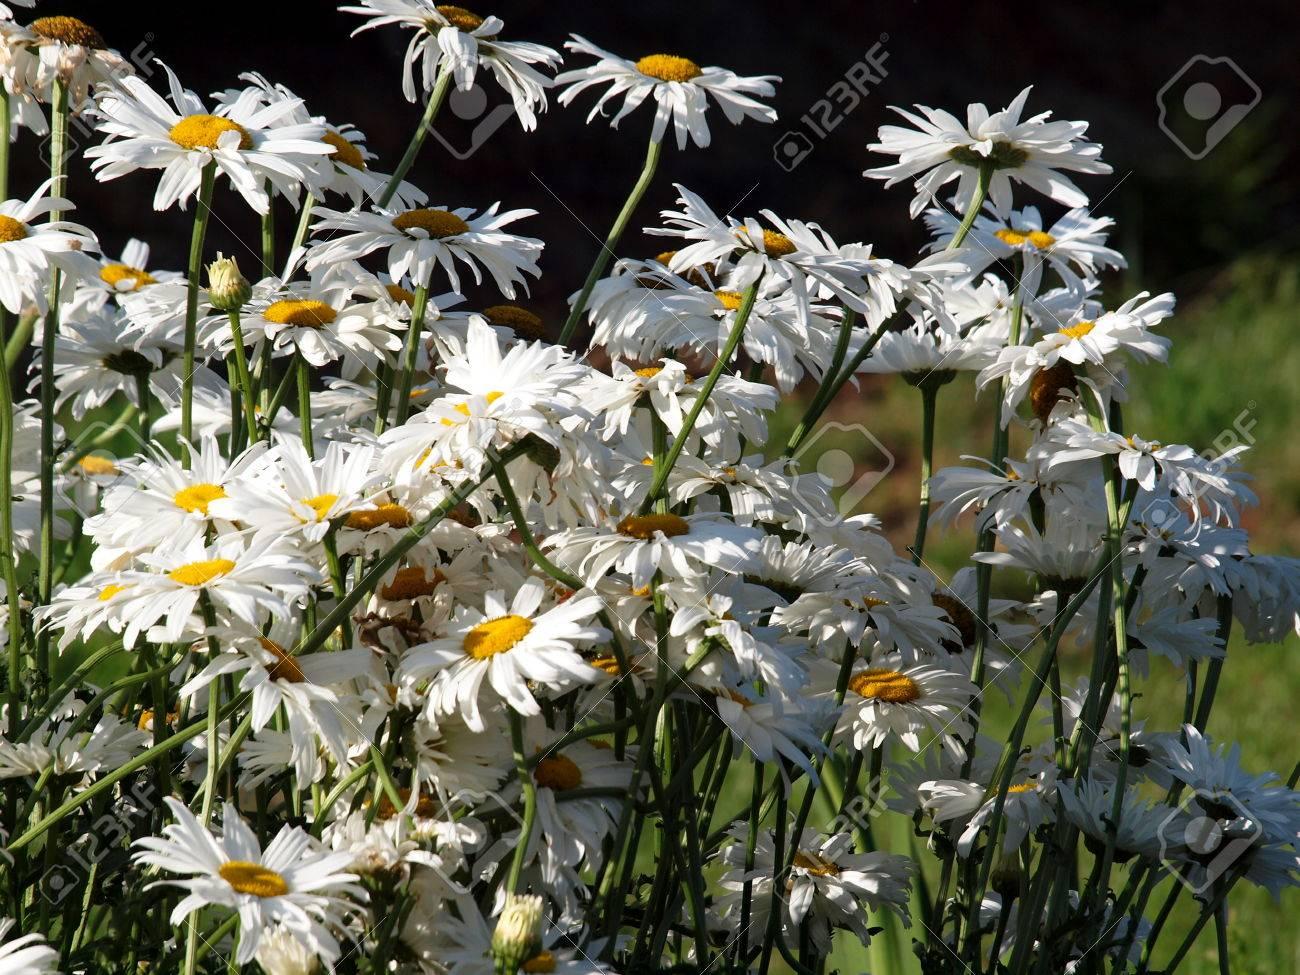 Mararitten Blumen Pflanzen Natur Garten Sommer Flora Stock